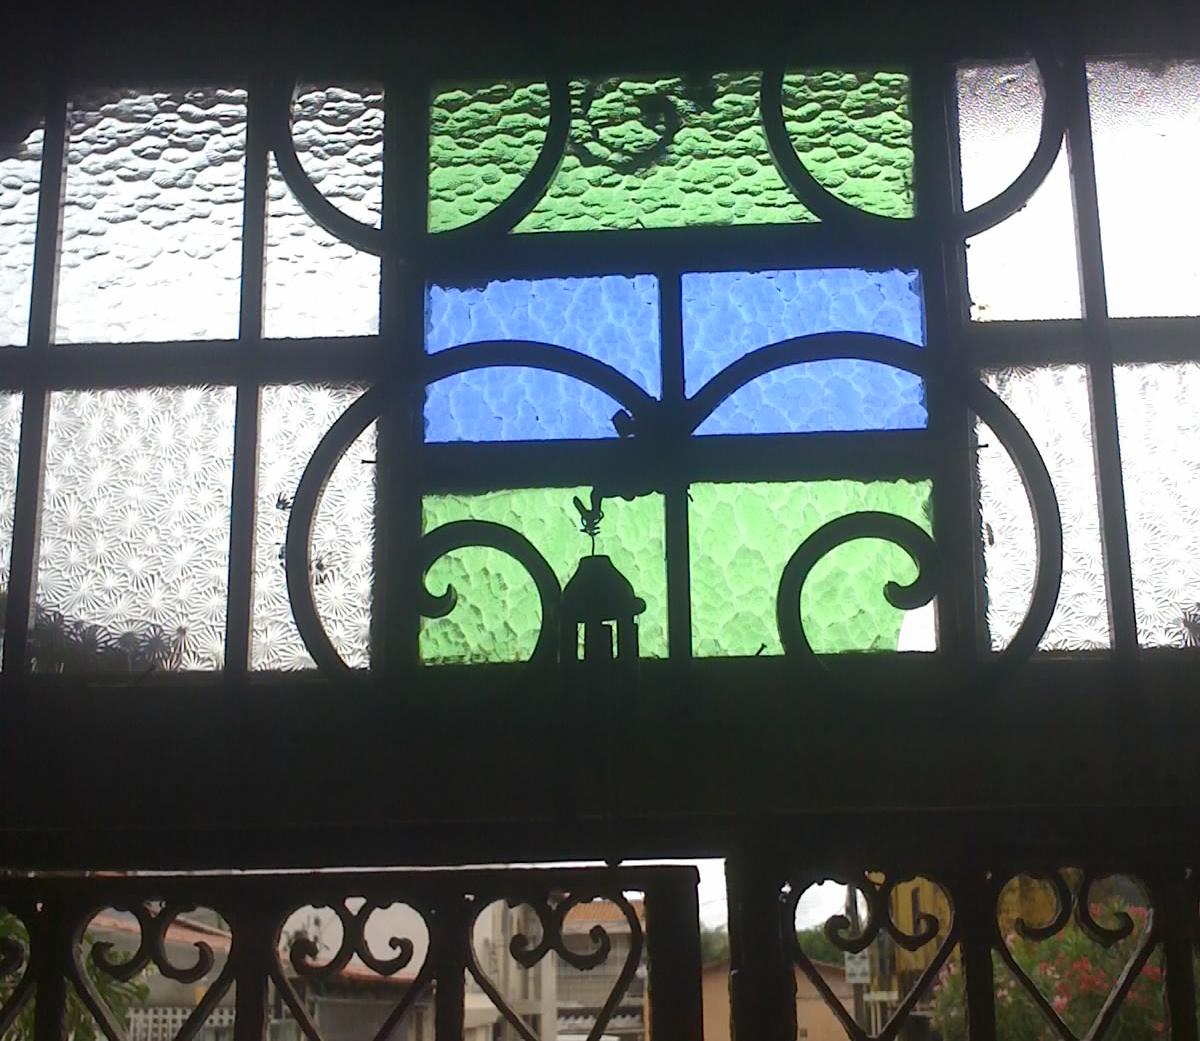 #0459C7 gosto imensamente de vidros antigos em janelas bandeiras de janelas e  1454 Substituir Vidros Janelas